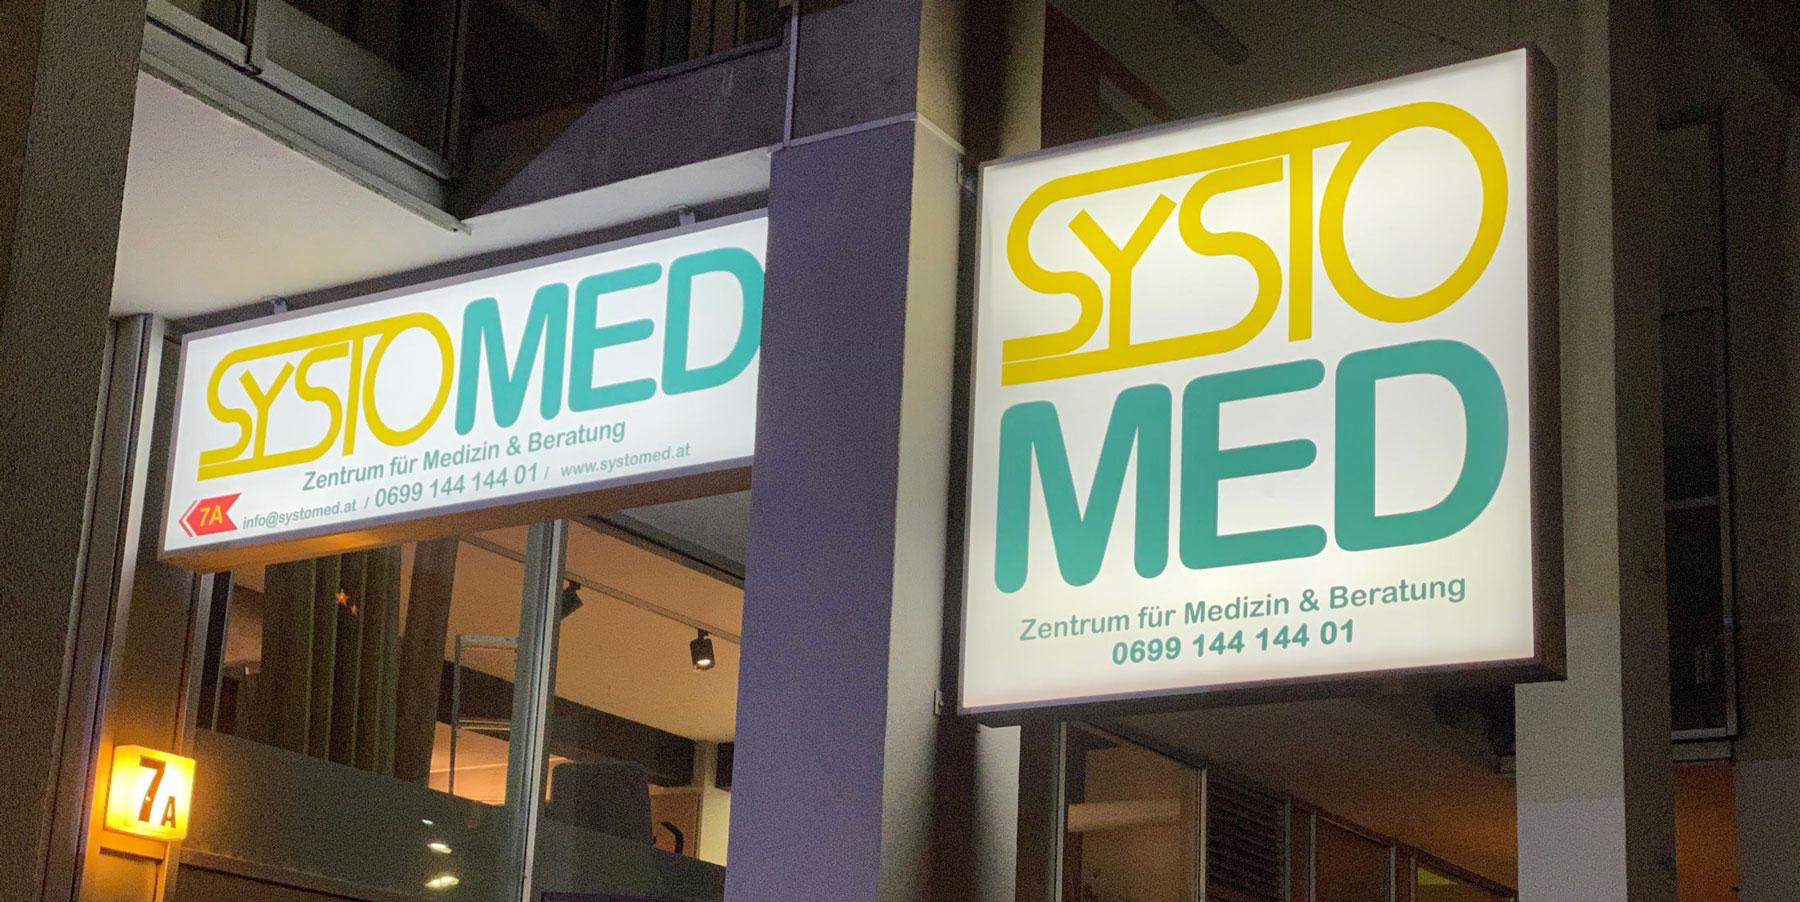 Systo MED